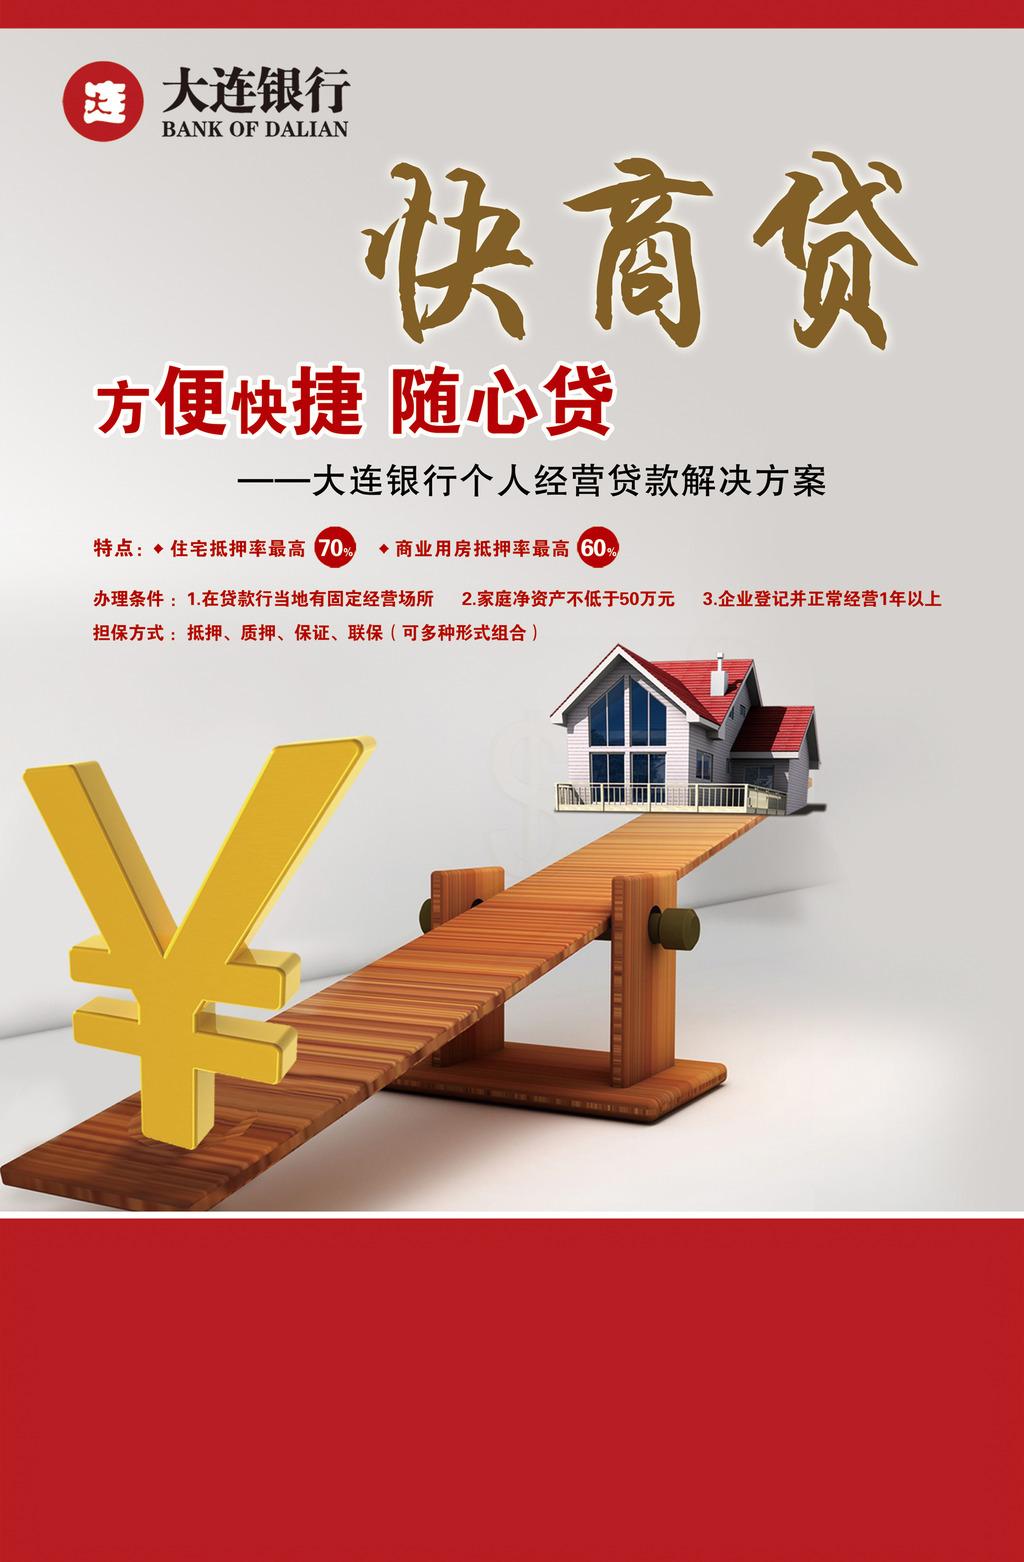 大连银行快商贷海报设计